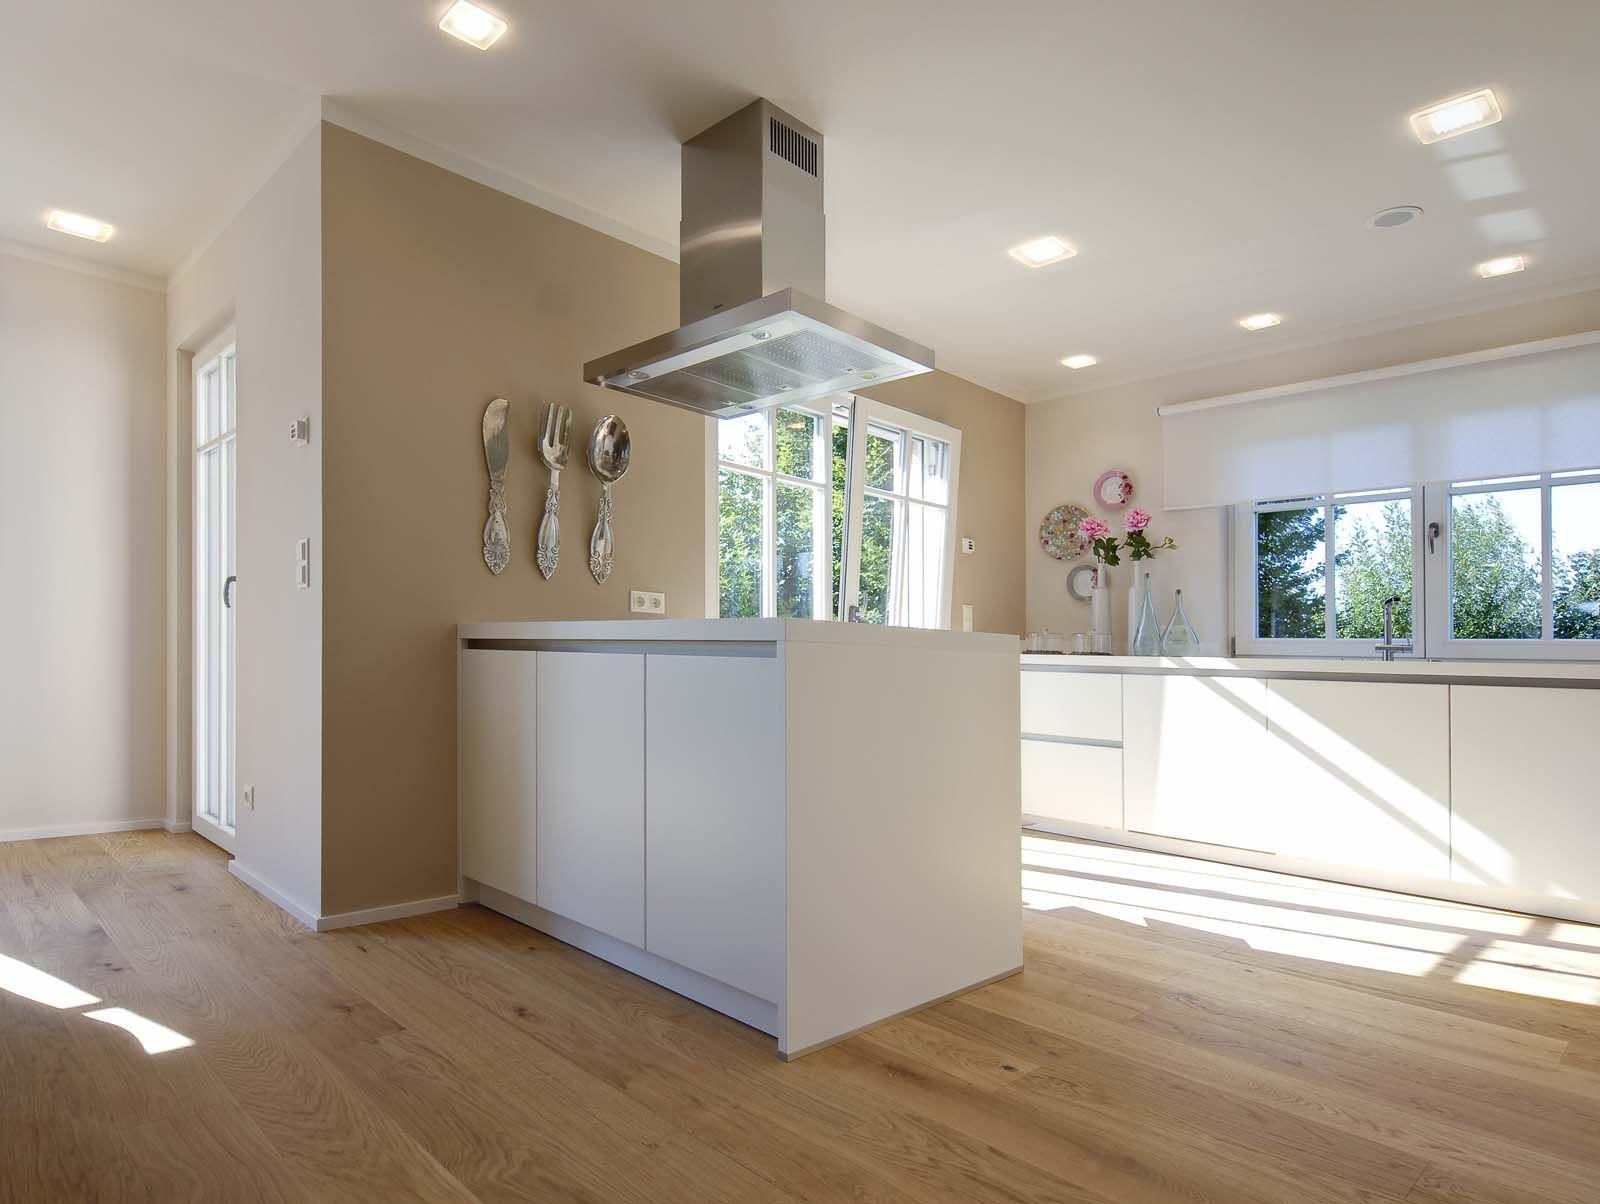 Bildergebnis für küche terrassentür   Kitchens   Pinterest ...